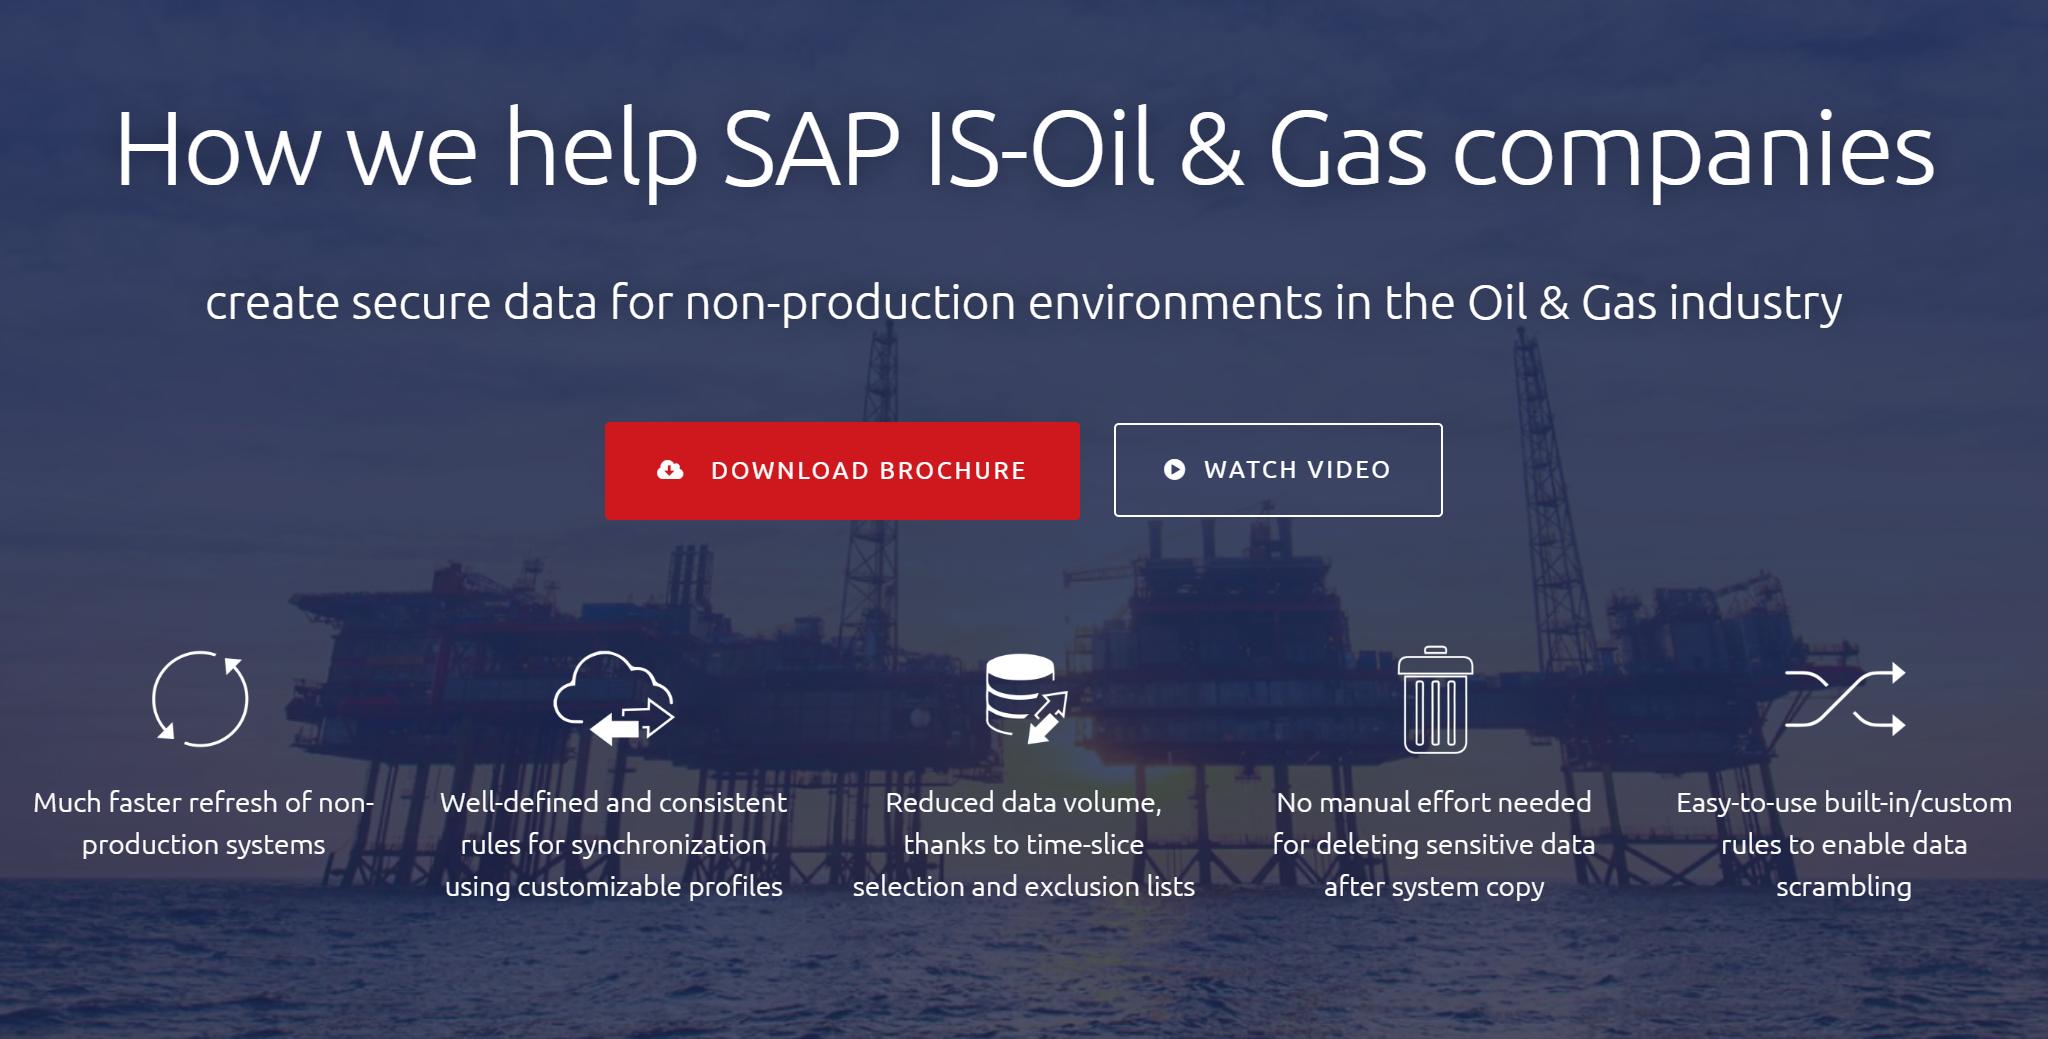 DSM: SAP for OIL & GAS